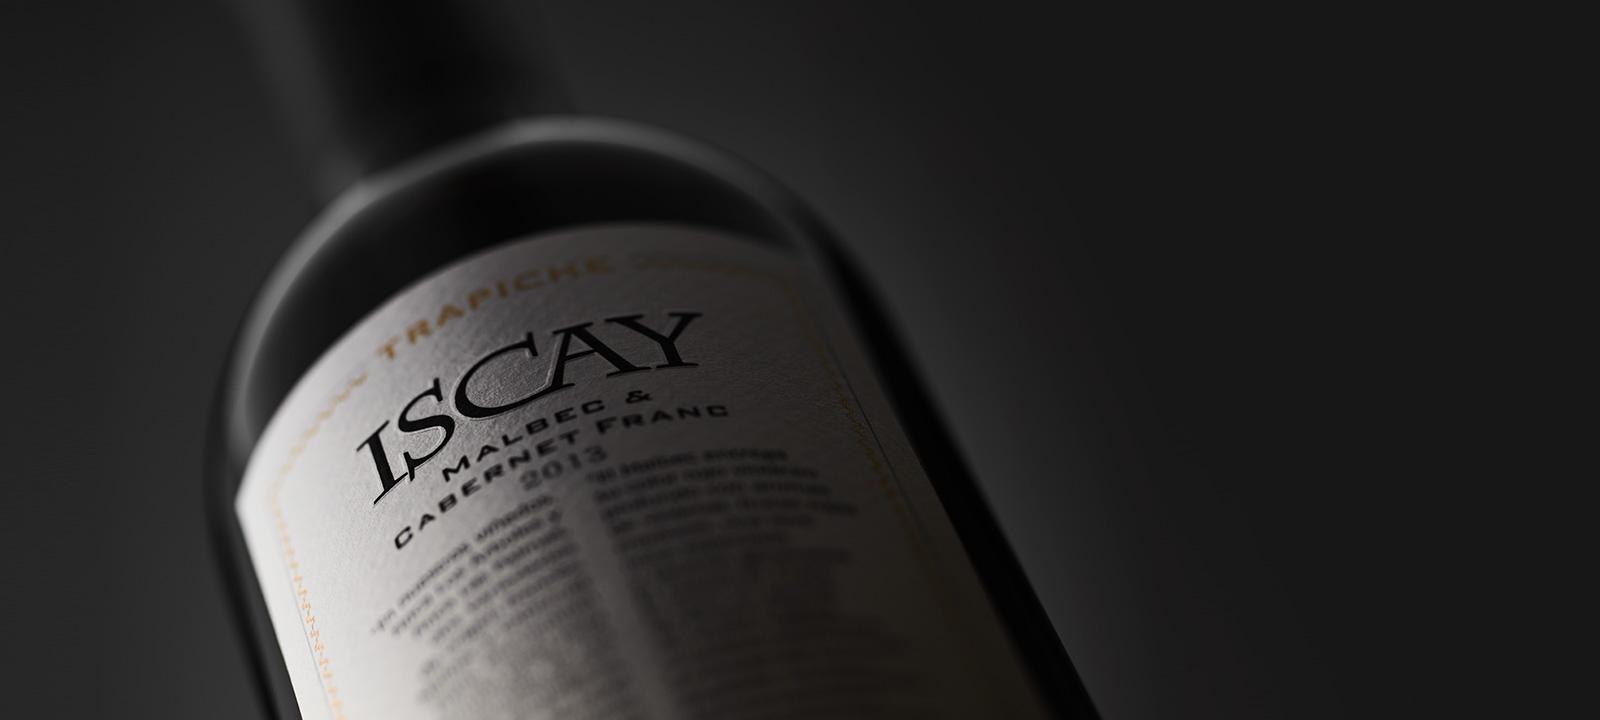 iscay